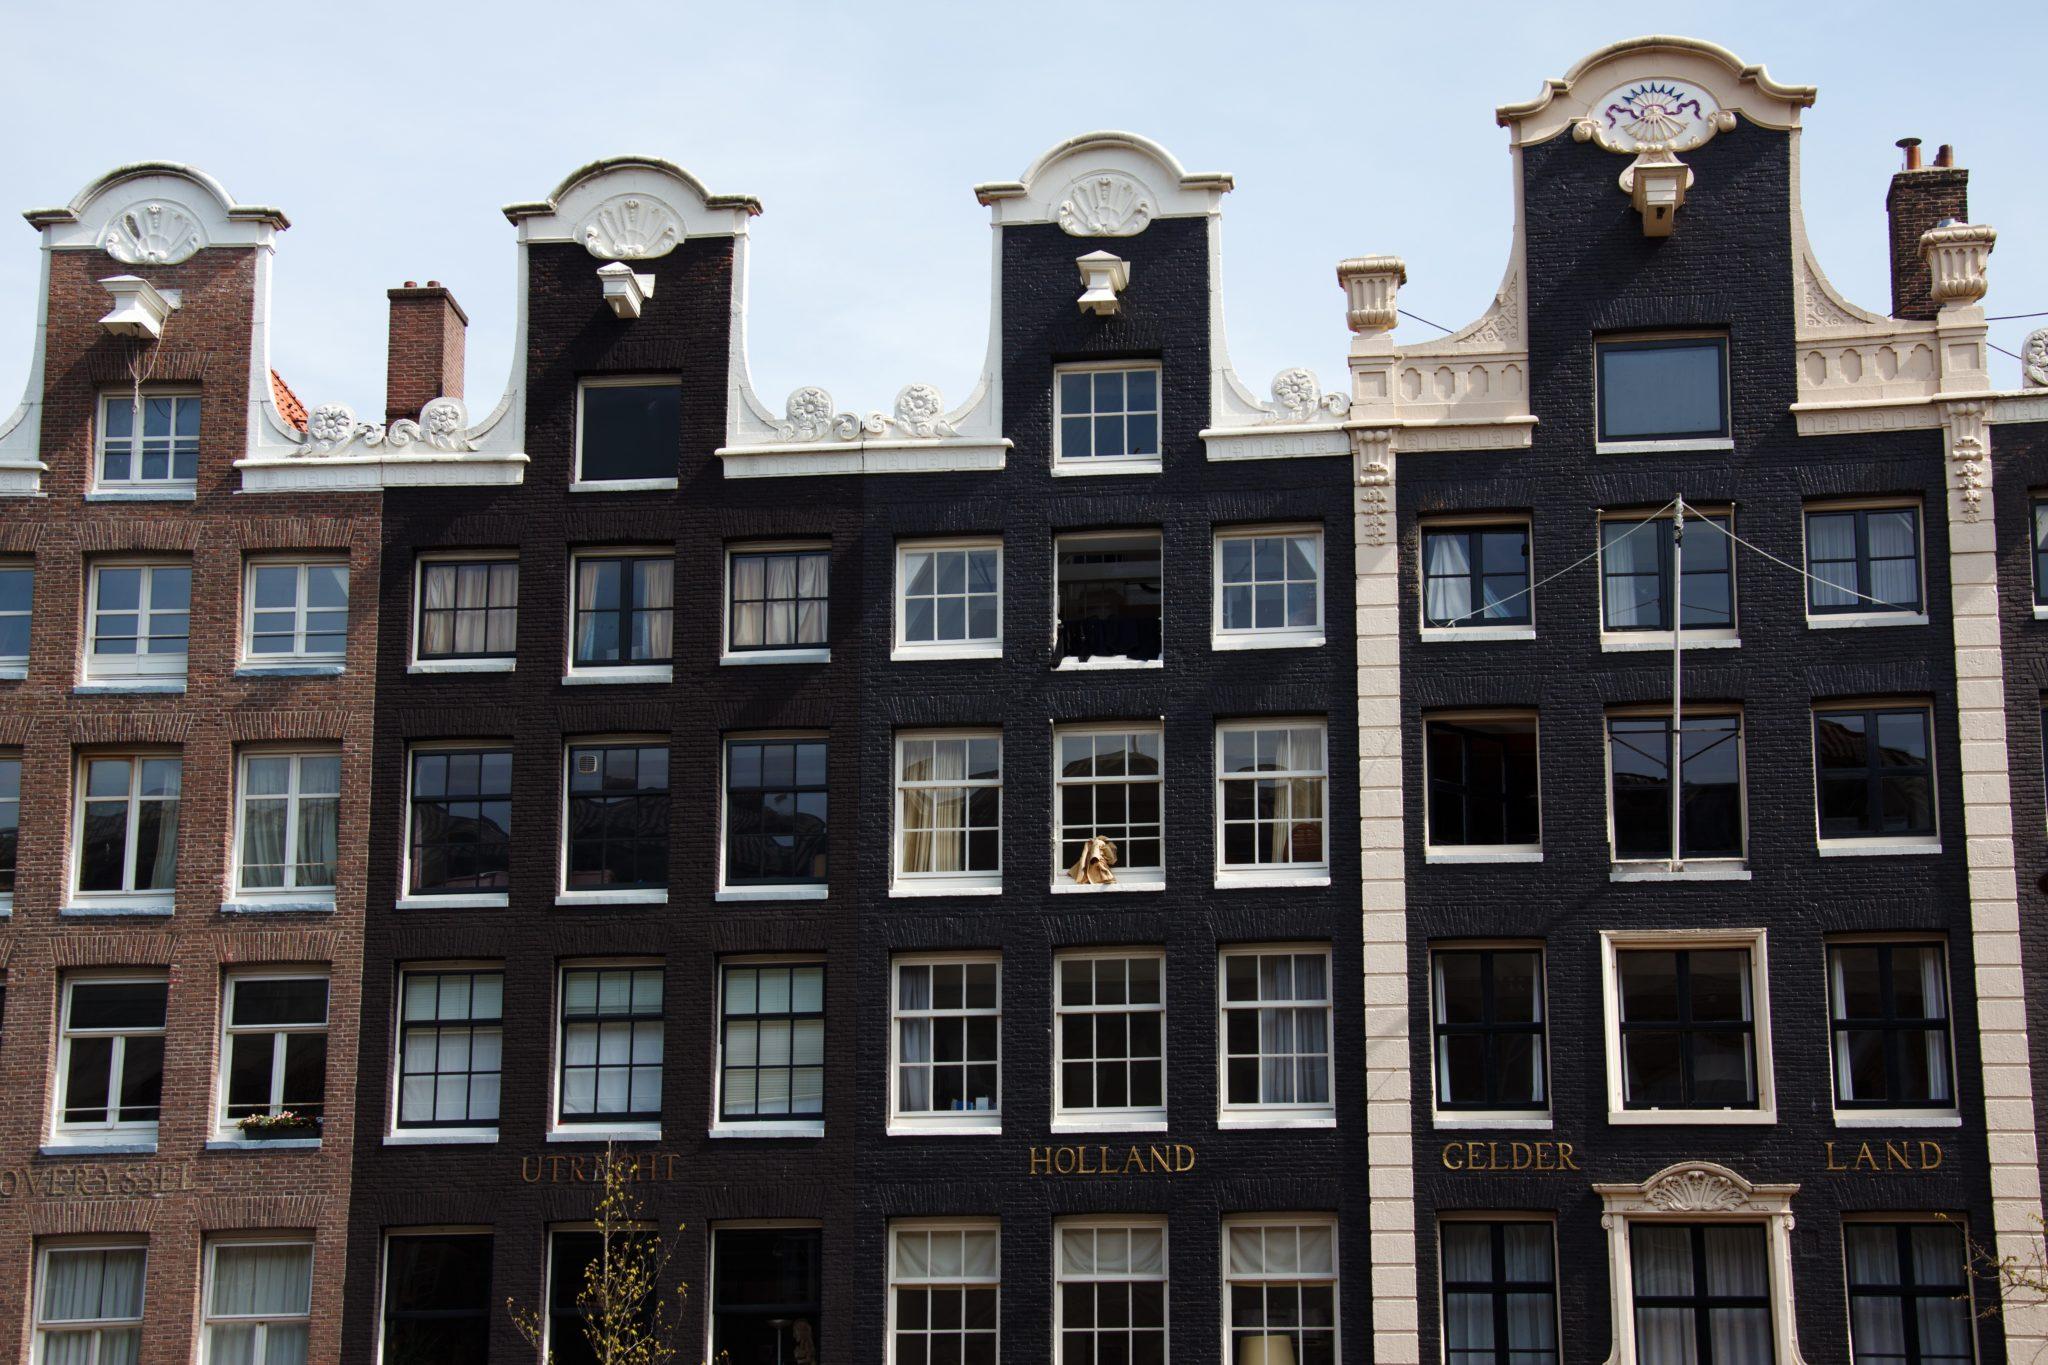 amsterdam_architecture